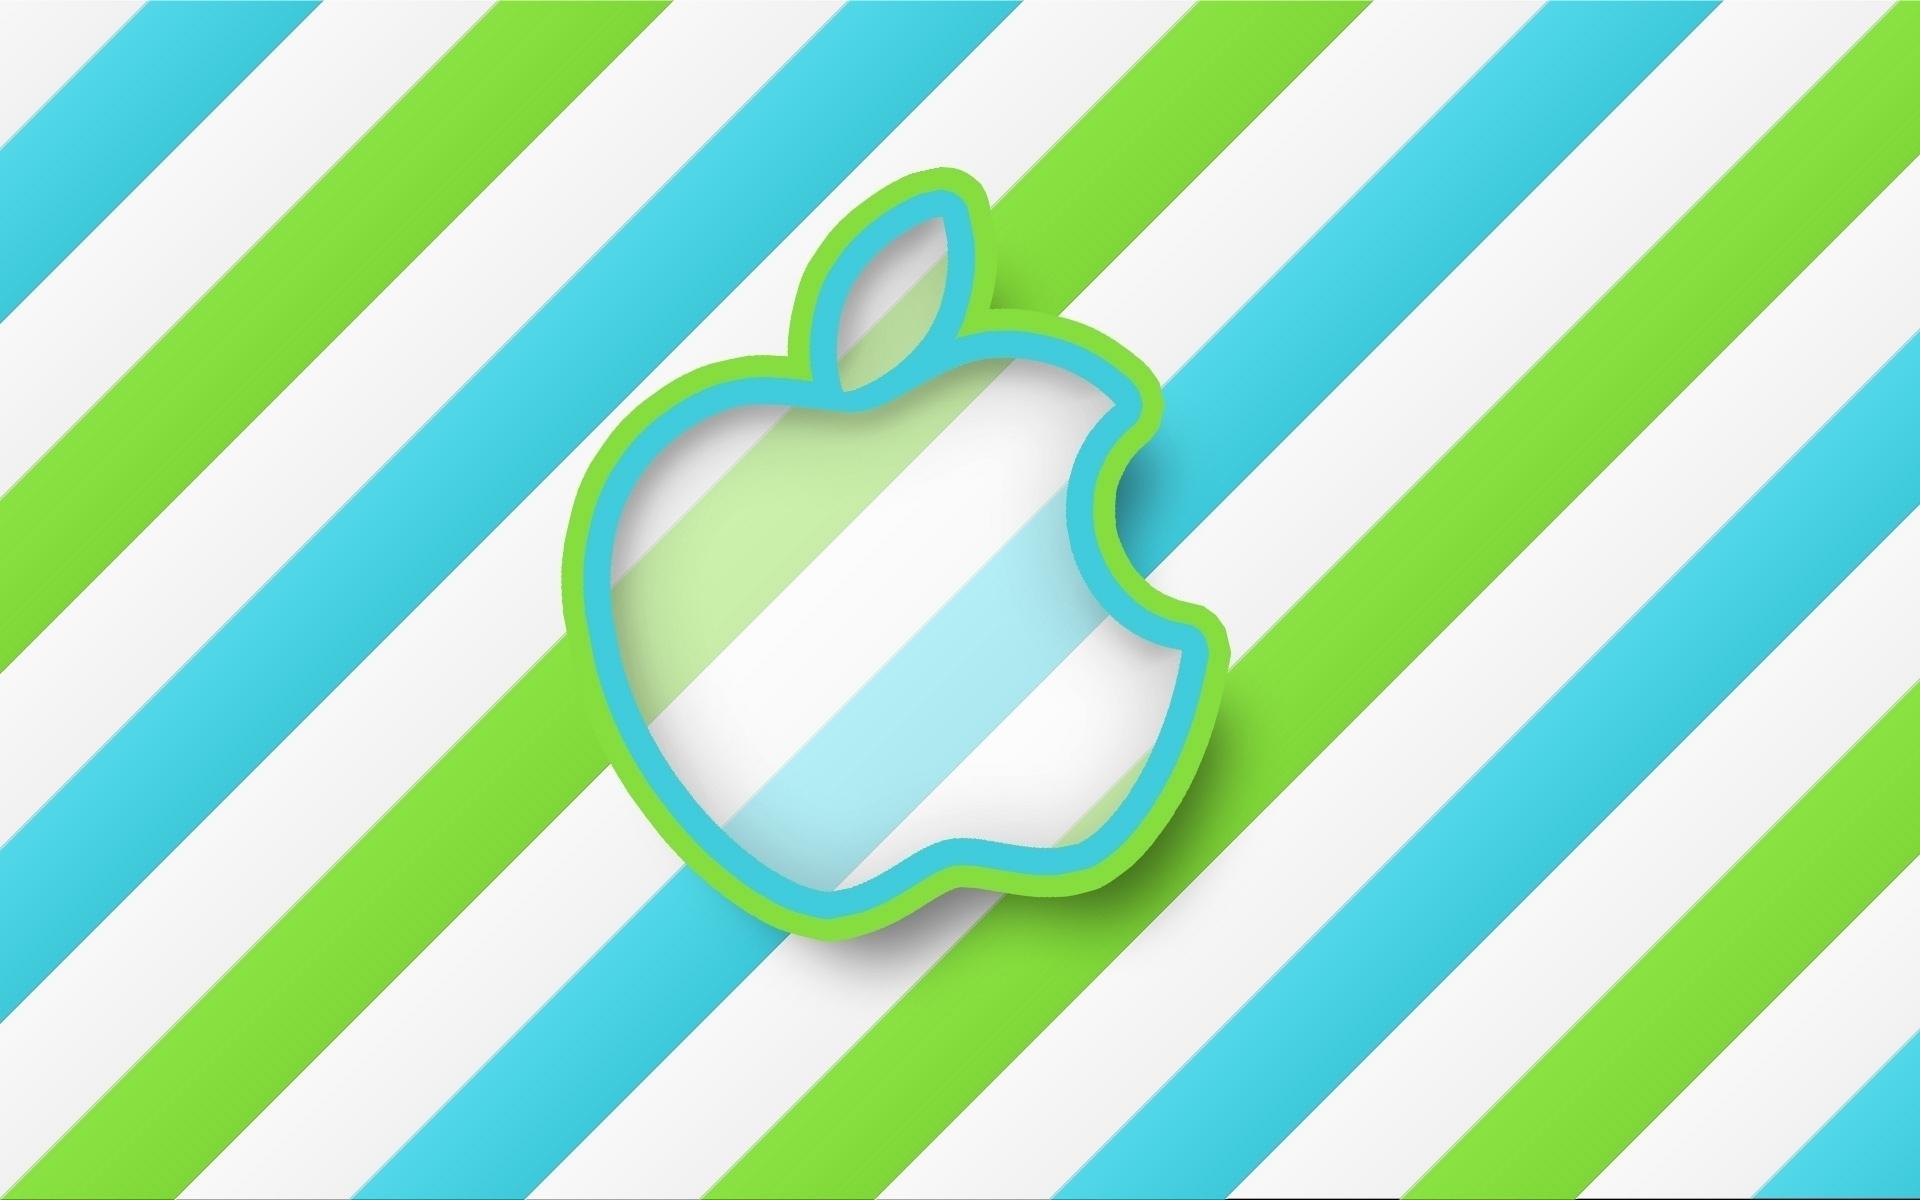 46702 скачать обои Бренды, Фон, Apple - заставки и картинки бесплатно